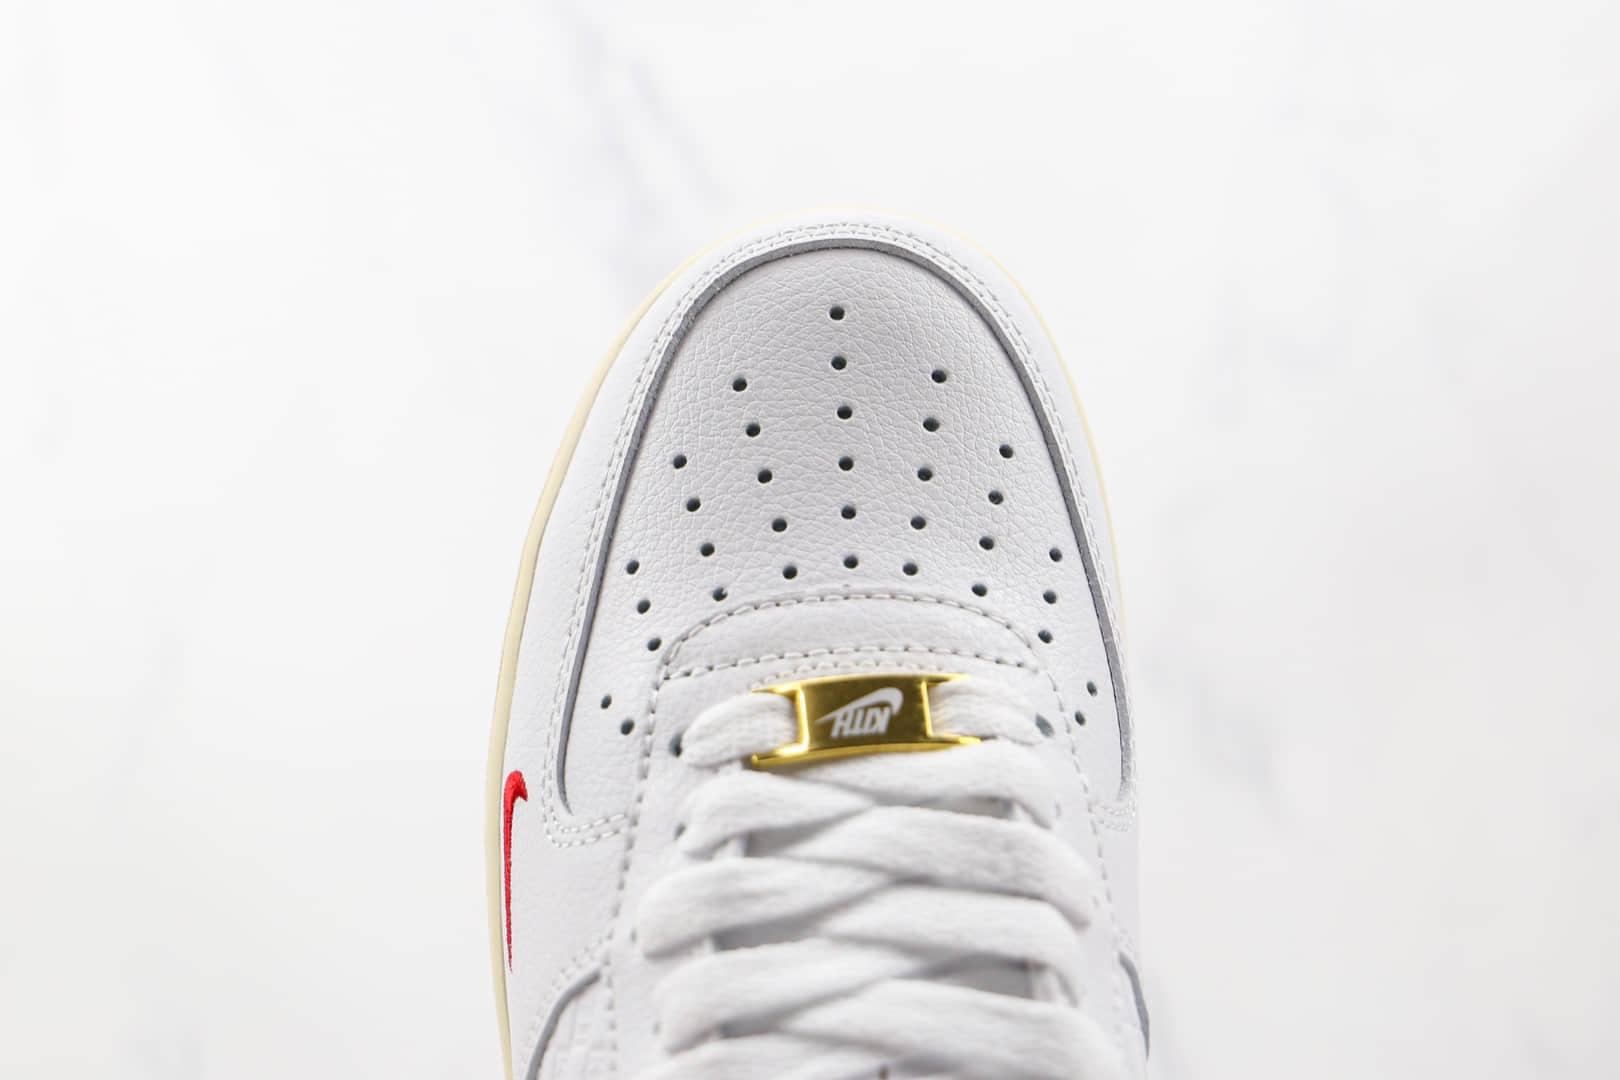 耐克Nike Air Force 1 Low x Kith联名款纯原版本低帮空军一号白红色板鞋内置气垫 货号:CZ7926-100